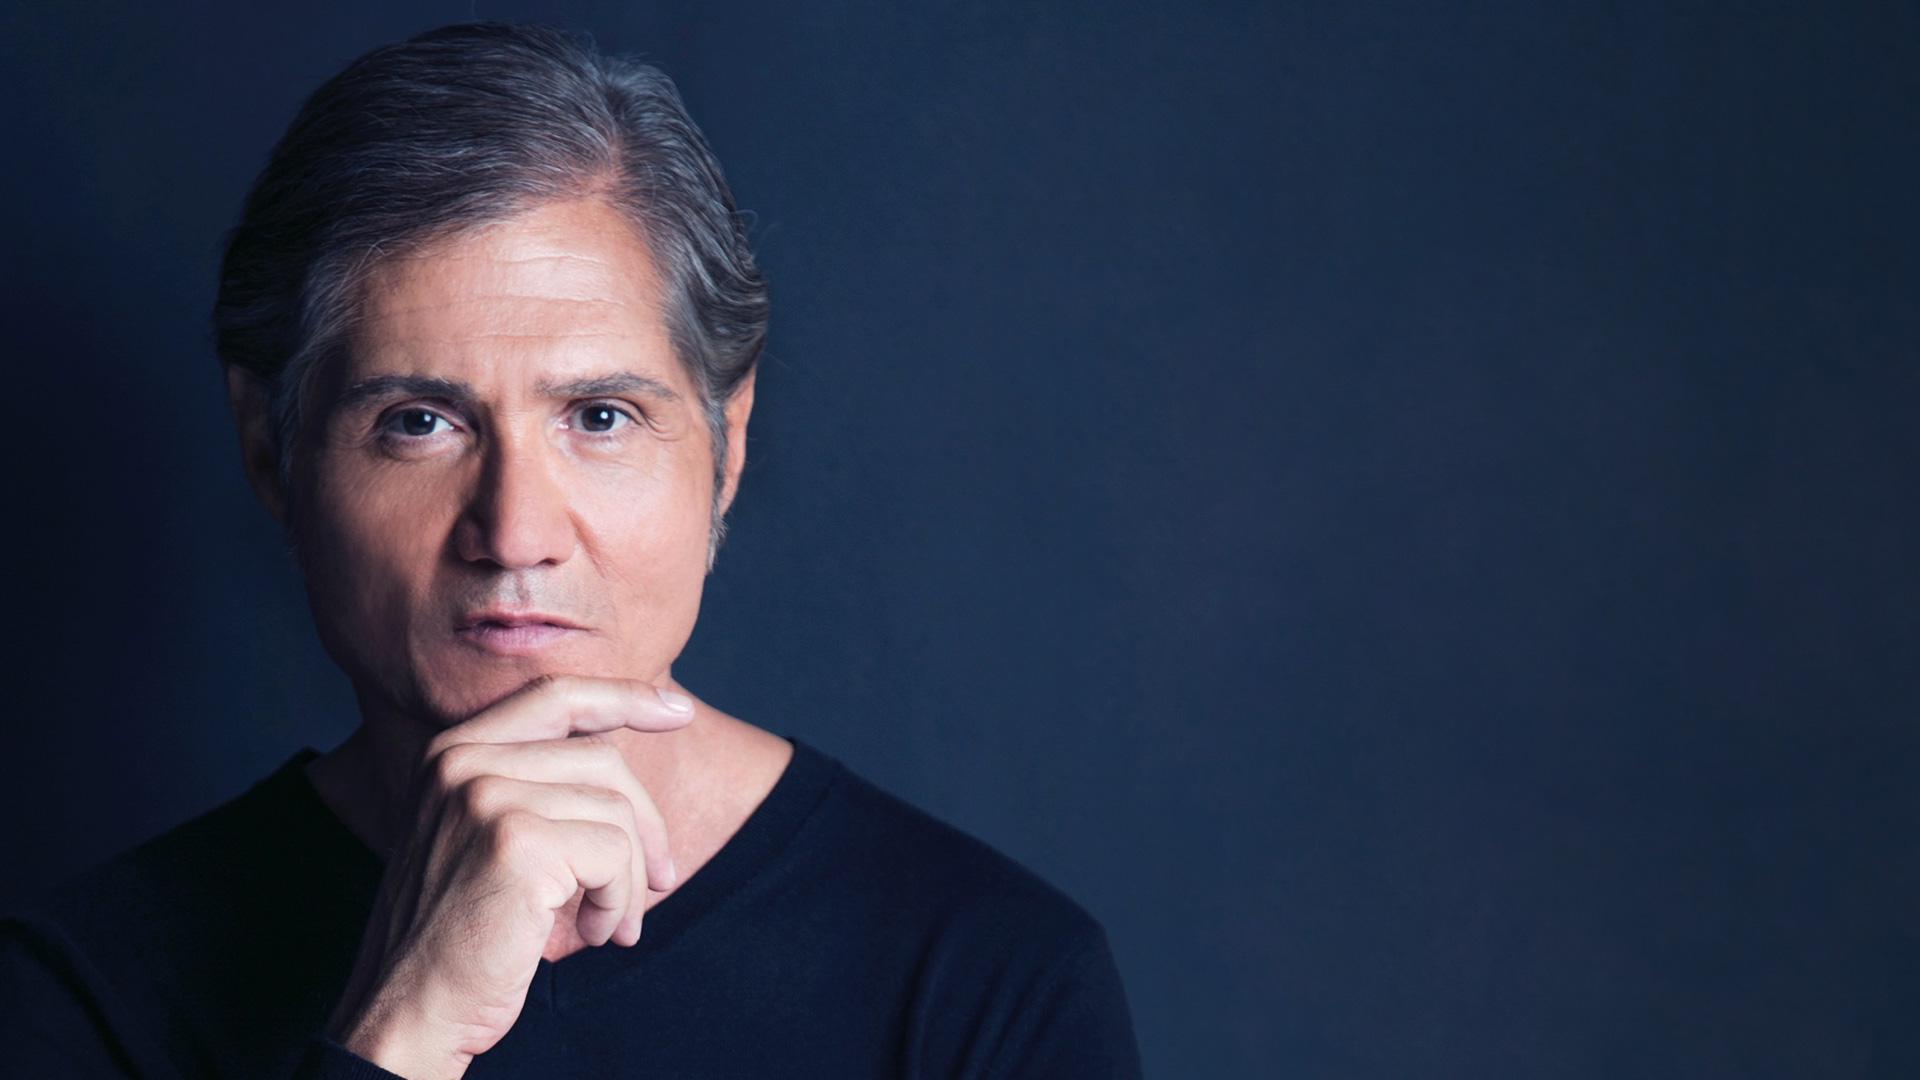 Rob E. Angelino